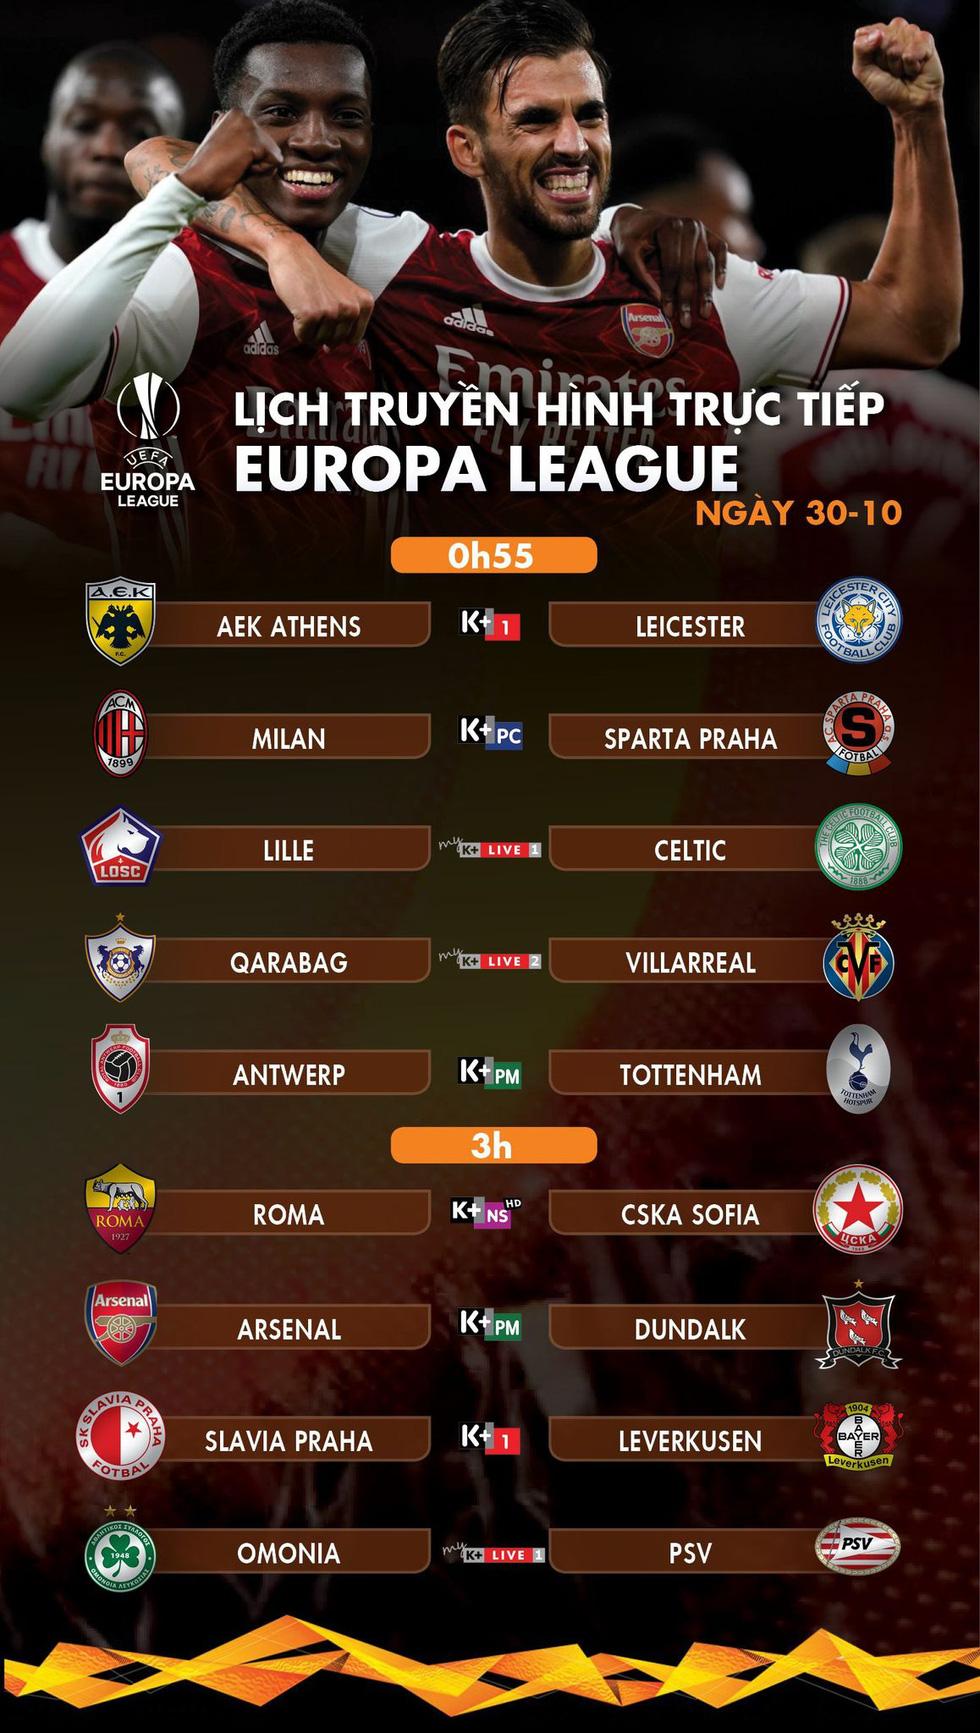 Lịch trực tiếp Europa League 30-10: Nhiều cuộc đọ sức đáng chú ý - Ảnh 1.